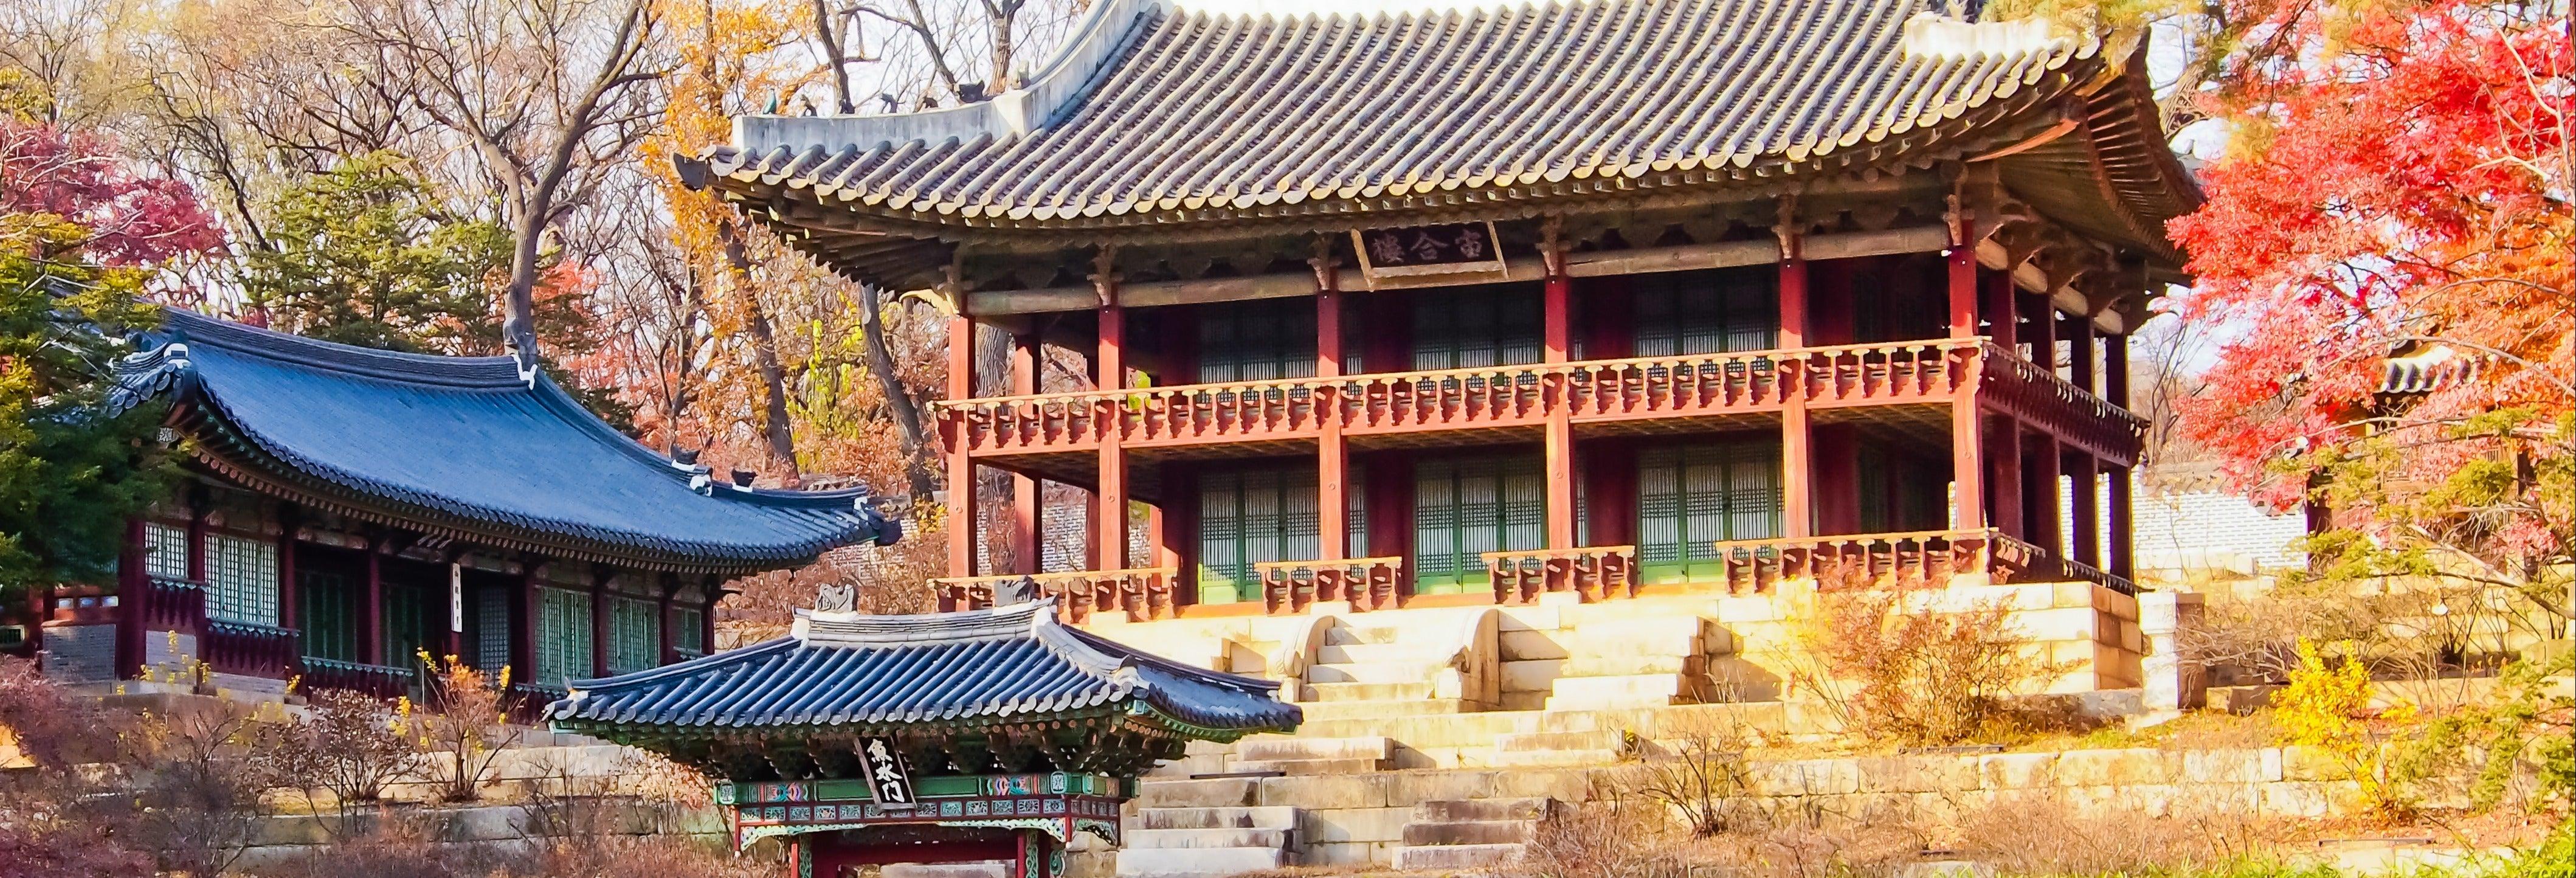 Visite du Palais de Changdeokgung et du sanctuaire de Jongmyo